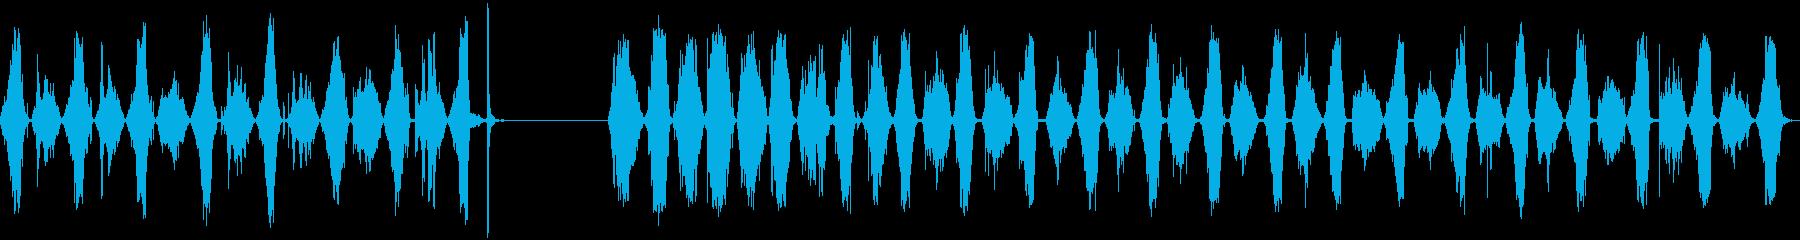 のこぎり、2つのバージョン、のこぎ...の再生済みの波形